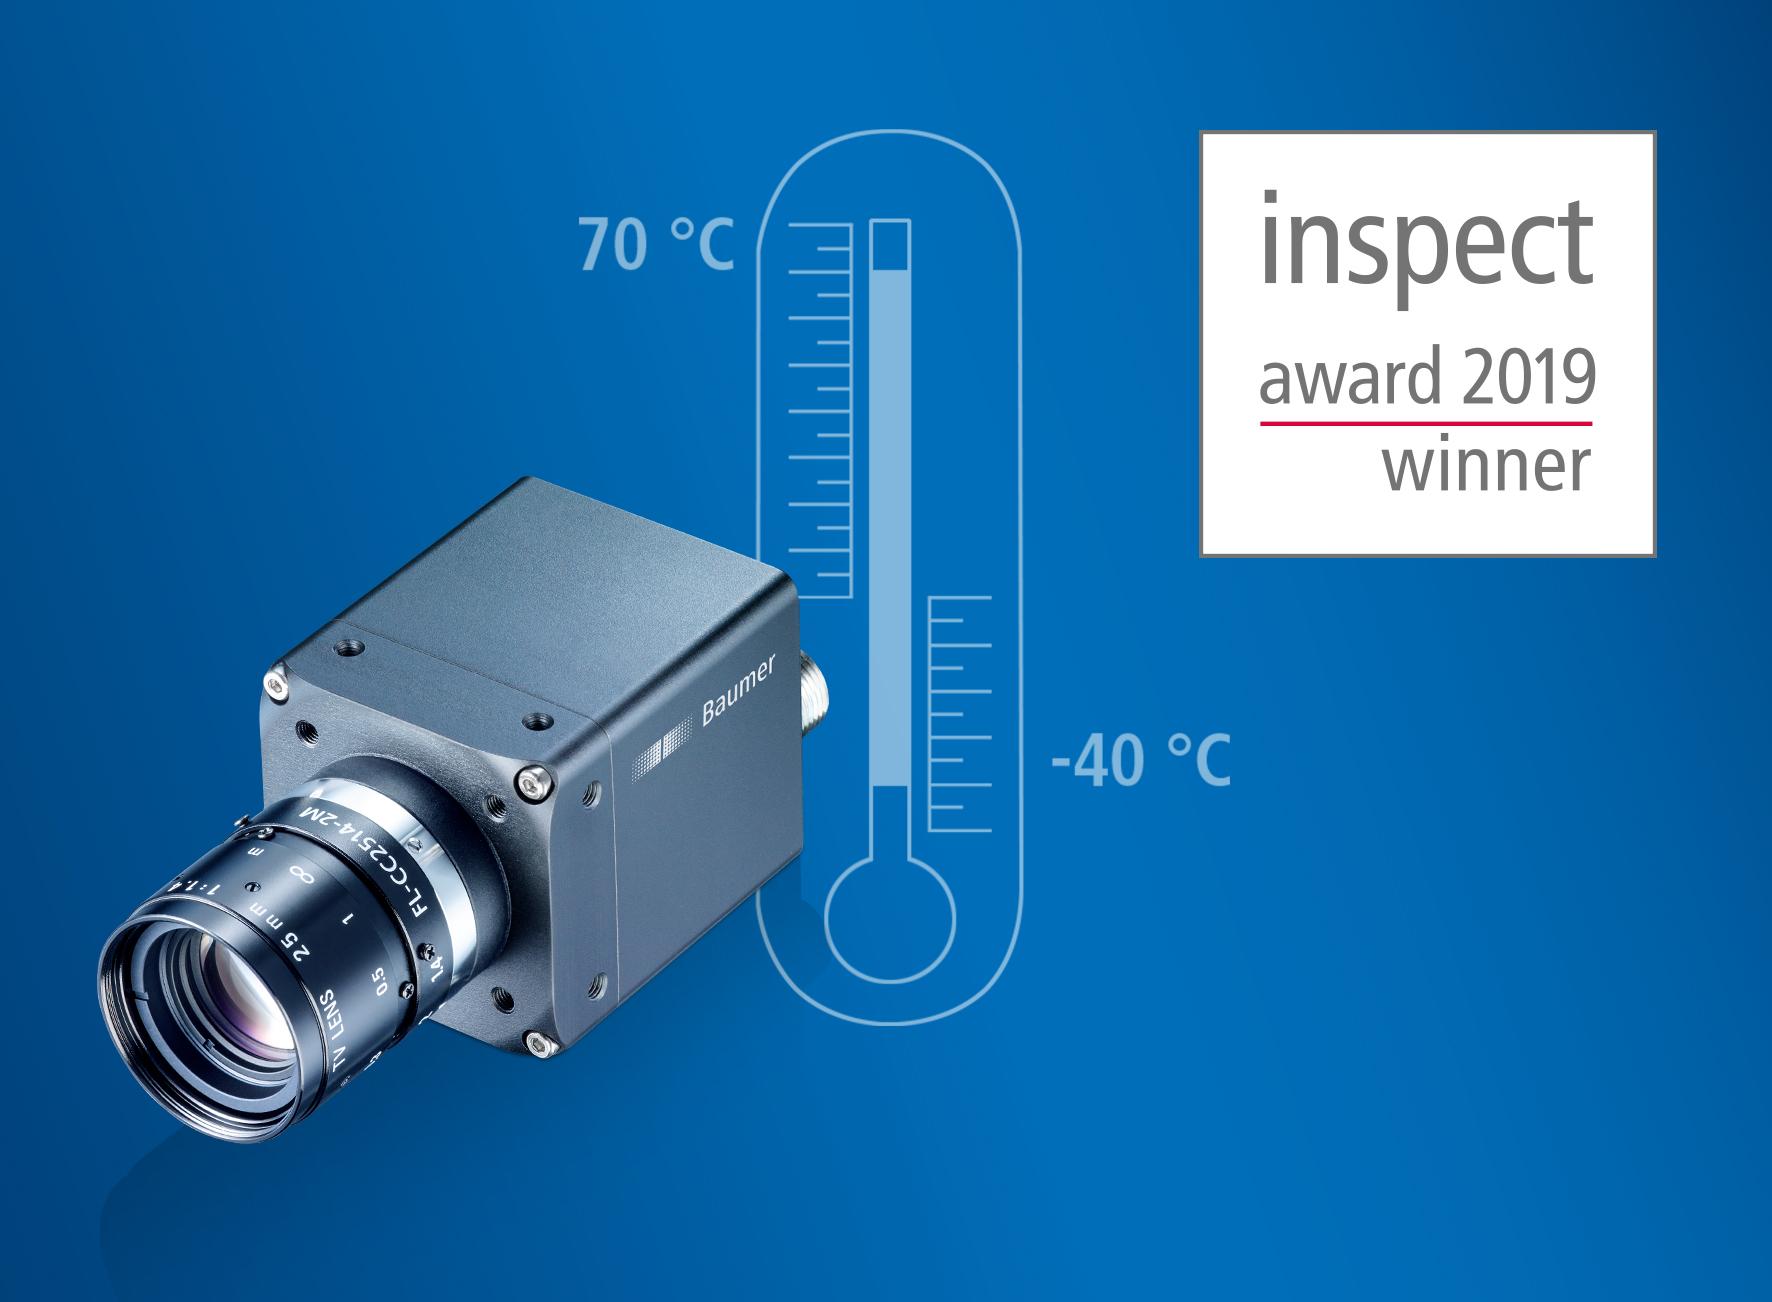 Baumer_Winner-inspect-award_ML_20190130_PH